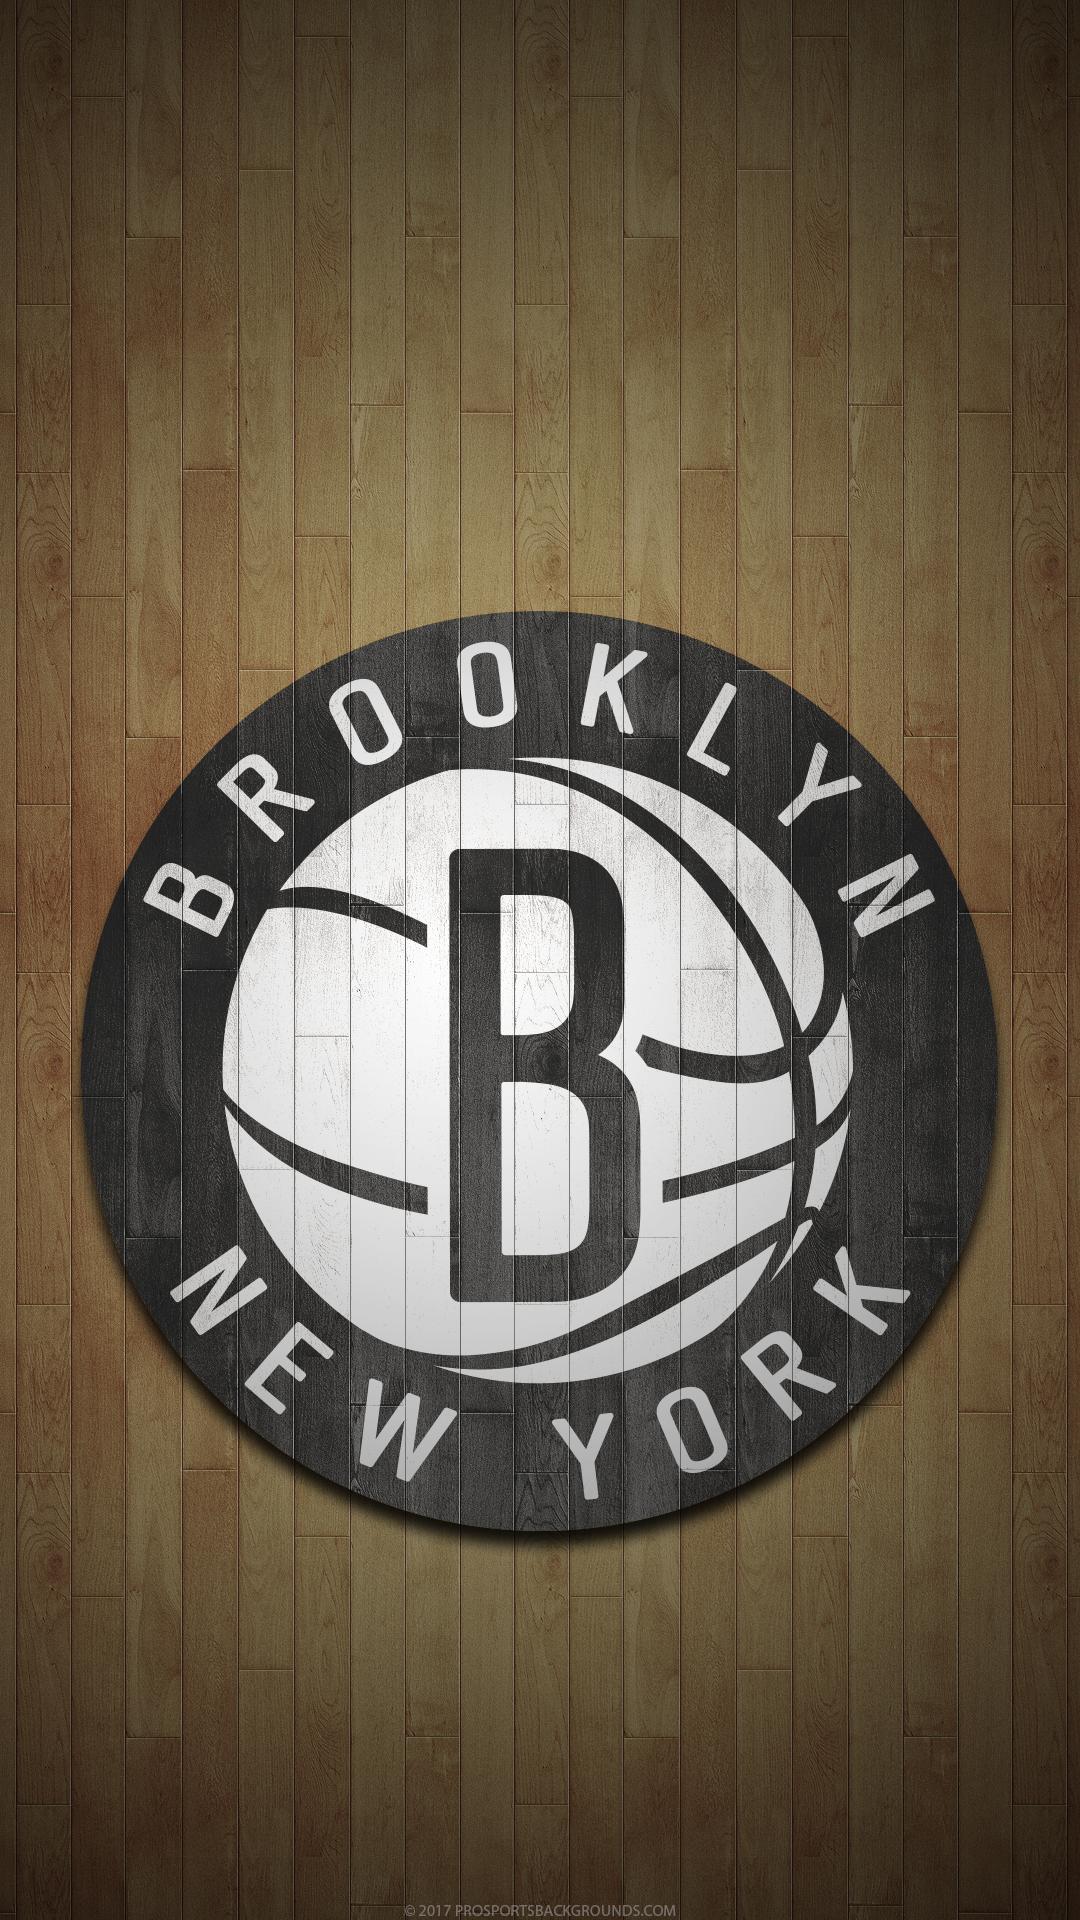 Sports Brooklyn Nets 1080x1920 Wallpaper Id 762379